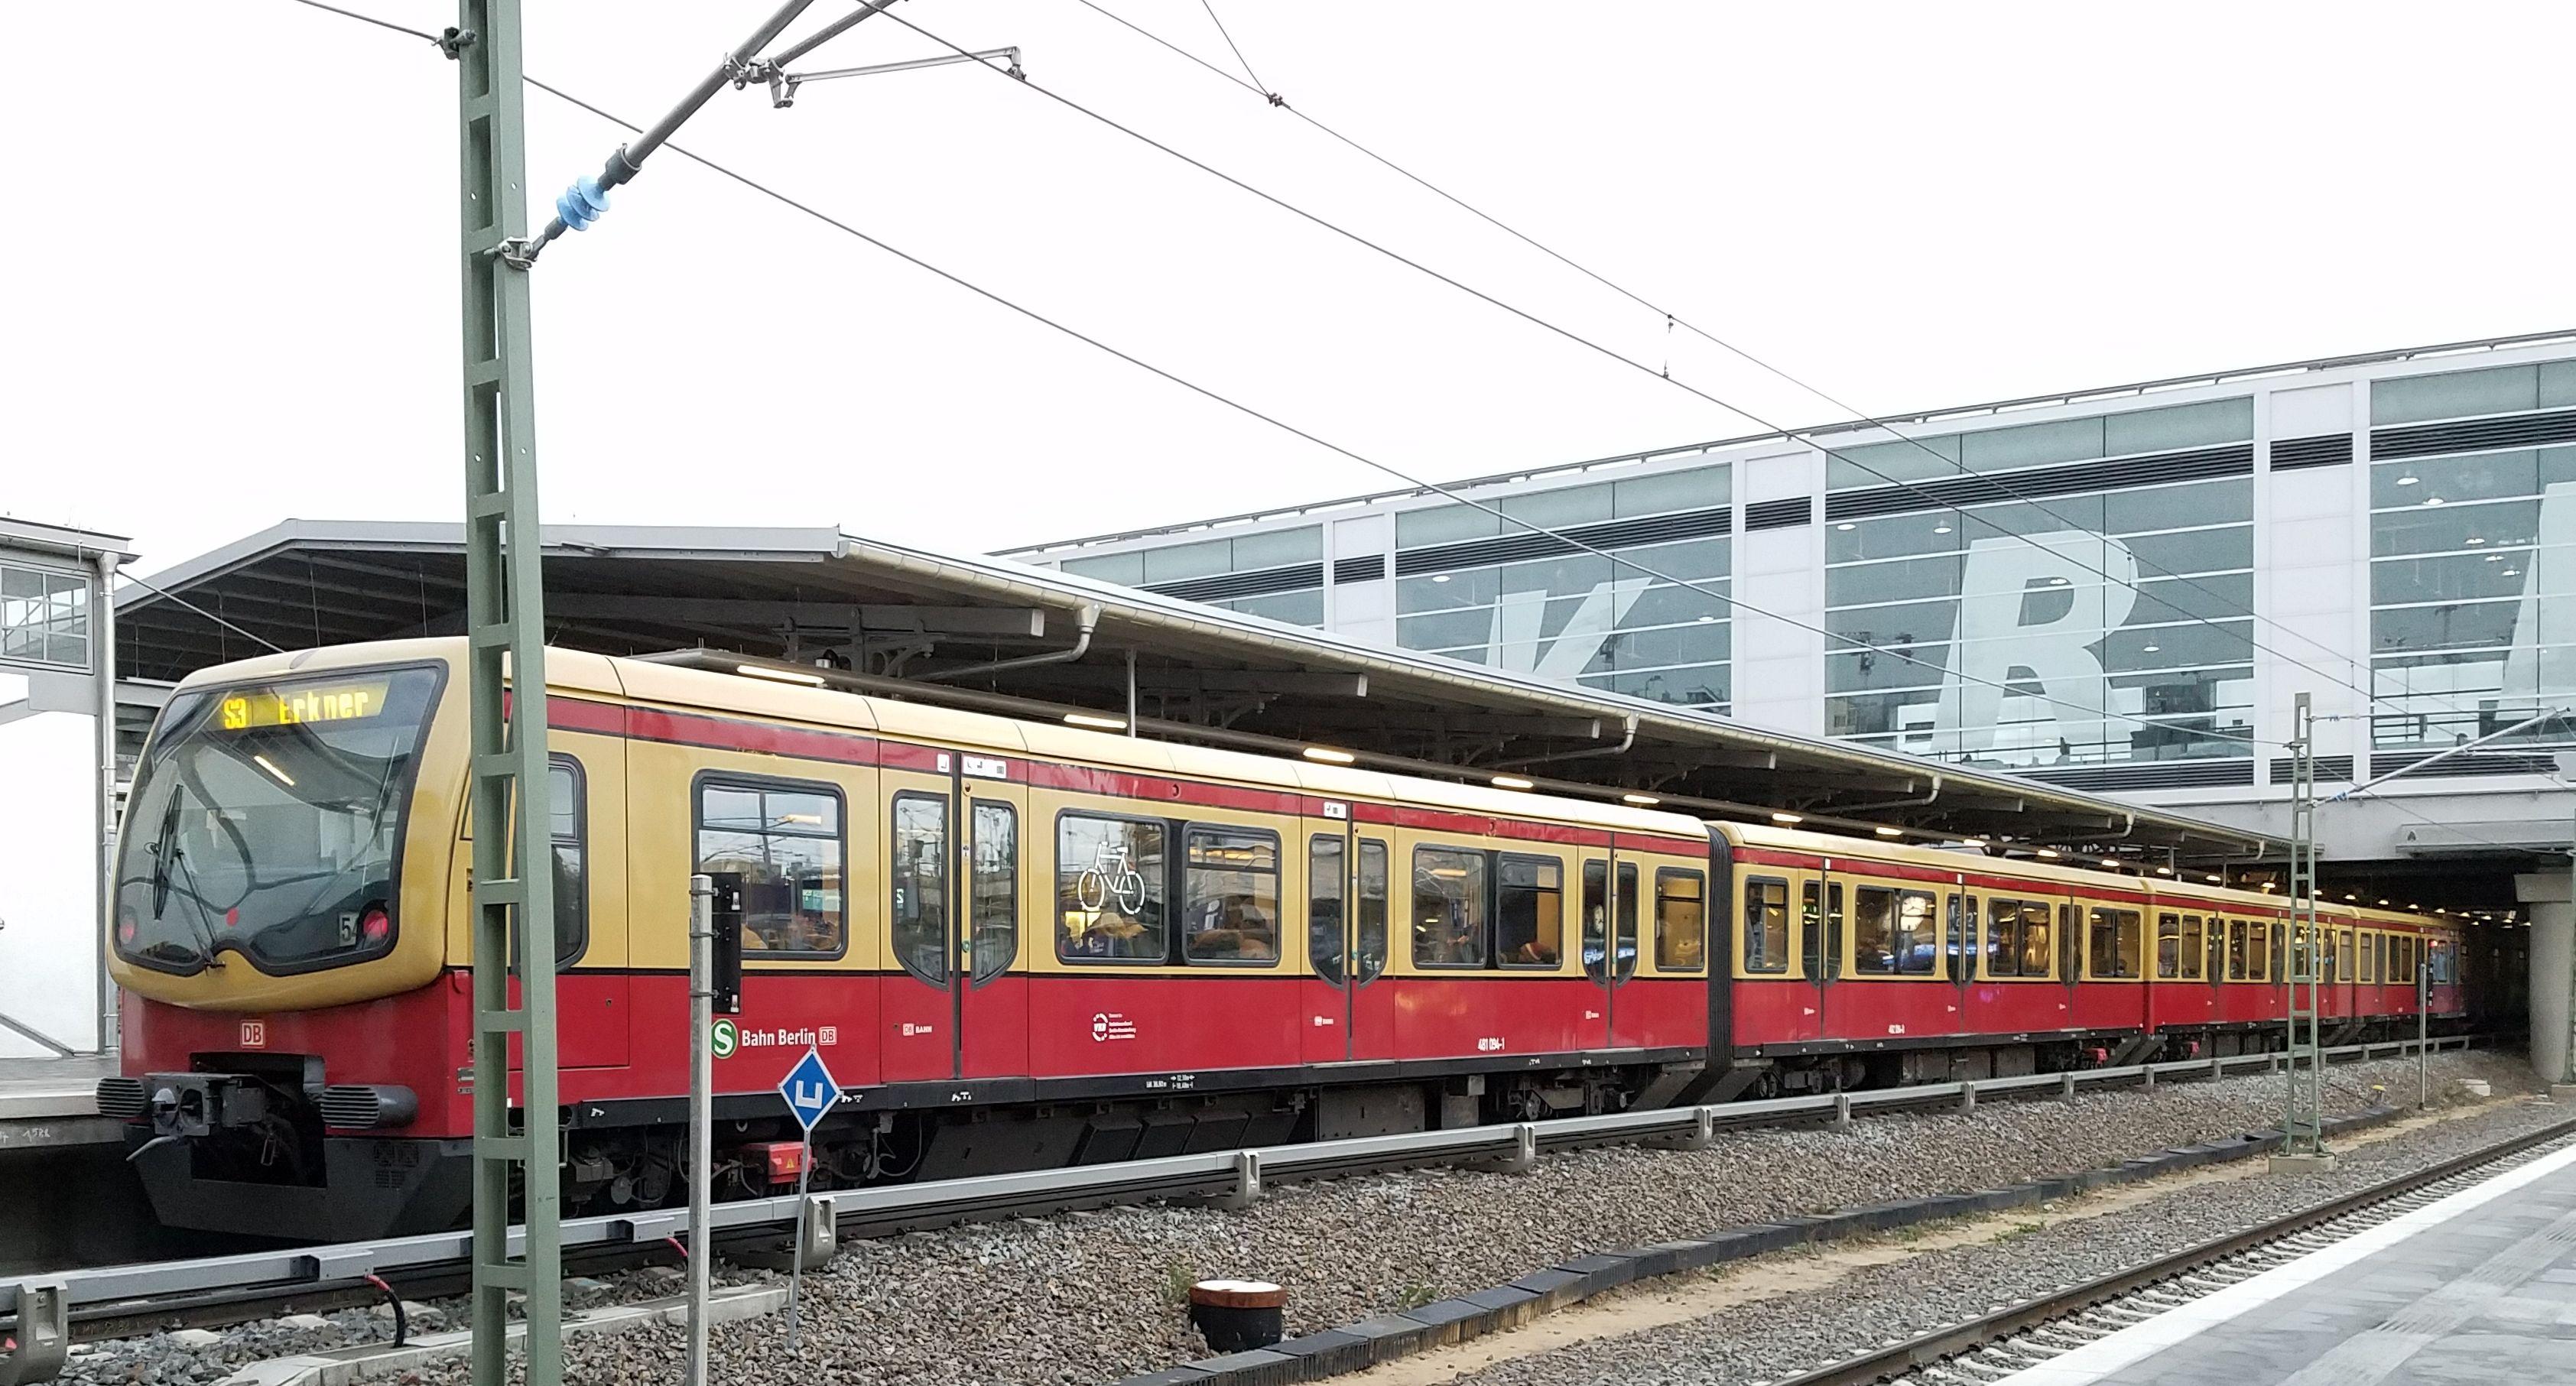 Foto:S-Bahn 481 094, Baureihe481/482, Ostkreuz, 2017